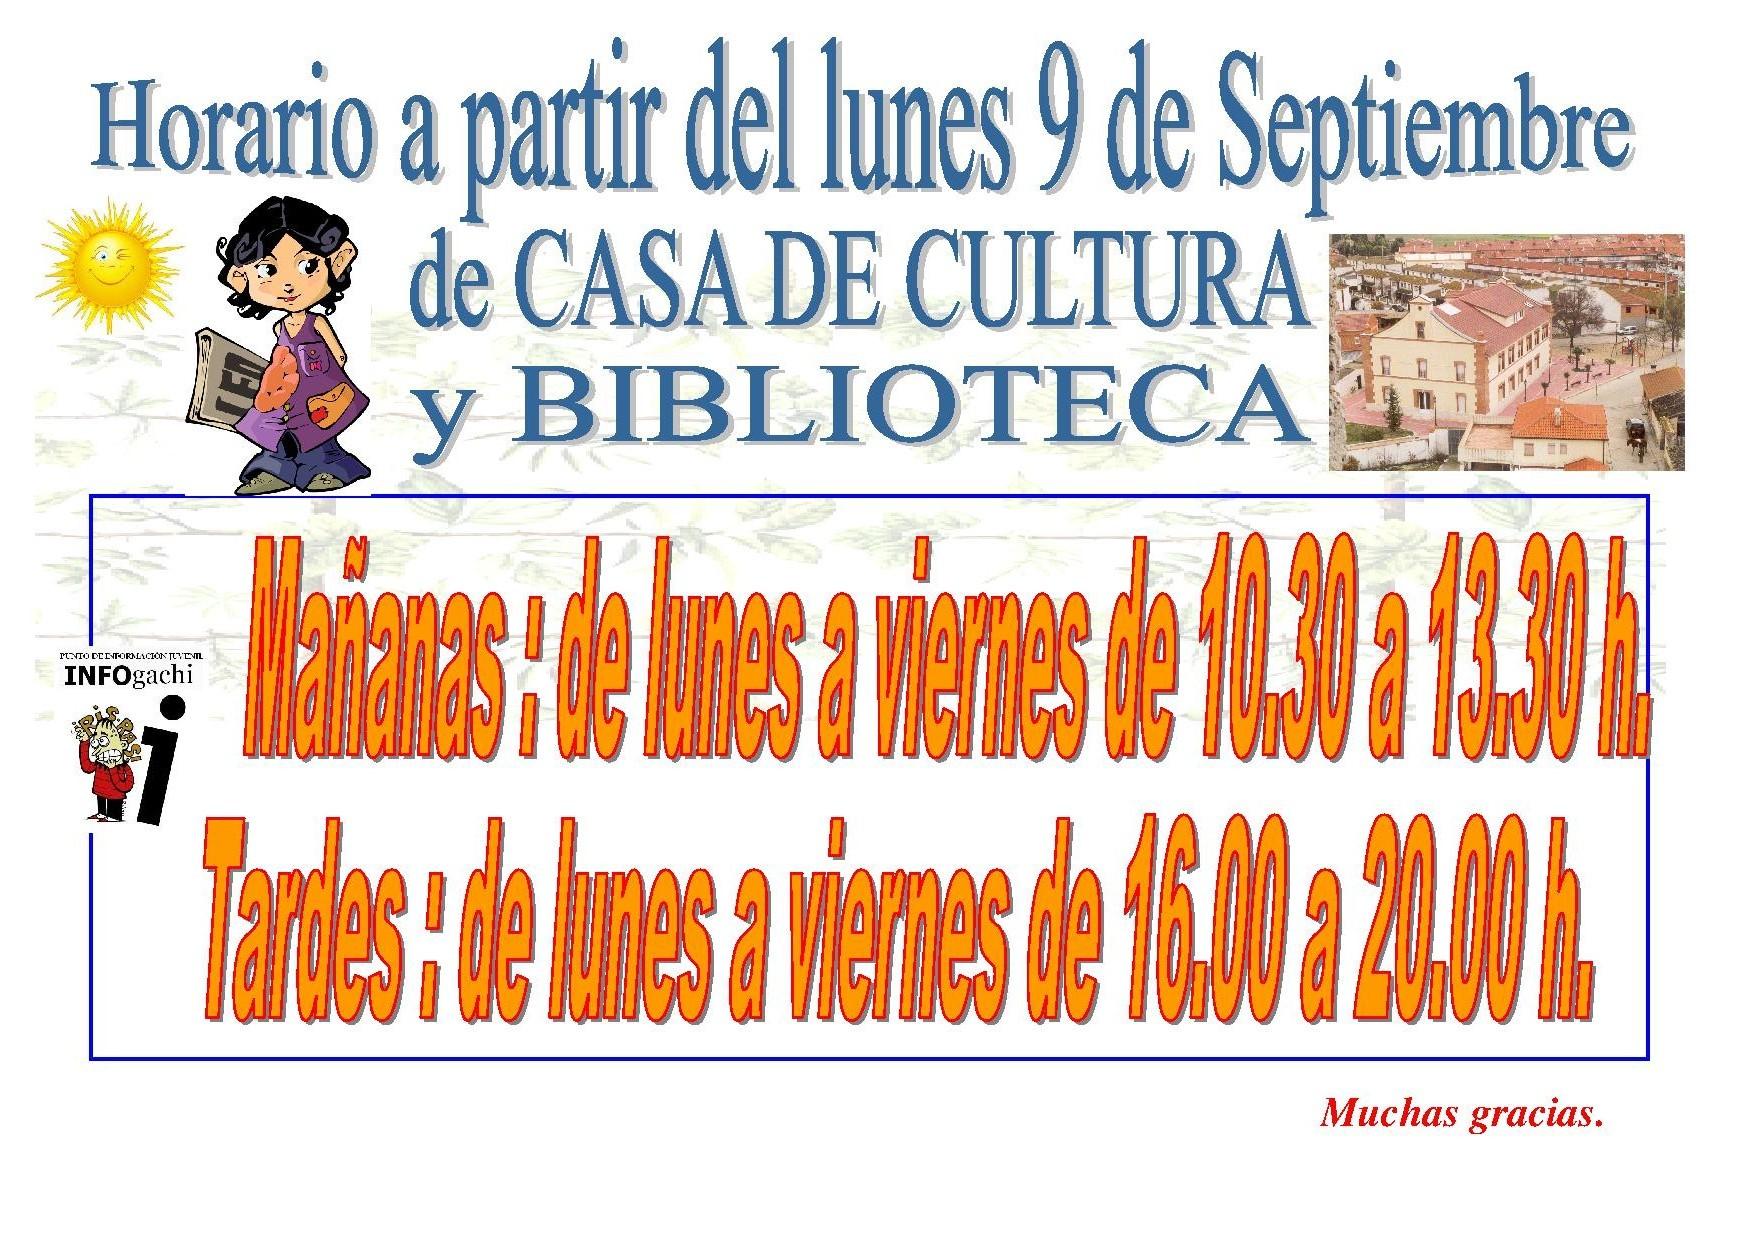 Calendario Festivos 2020 Zaragoza Más Arriba-a-fecha Aldeamayor De San Martn Informa Servicio De Unicaci³n Of Calendario Festivos 2020 Zaragoza Más Populares Unizar H